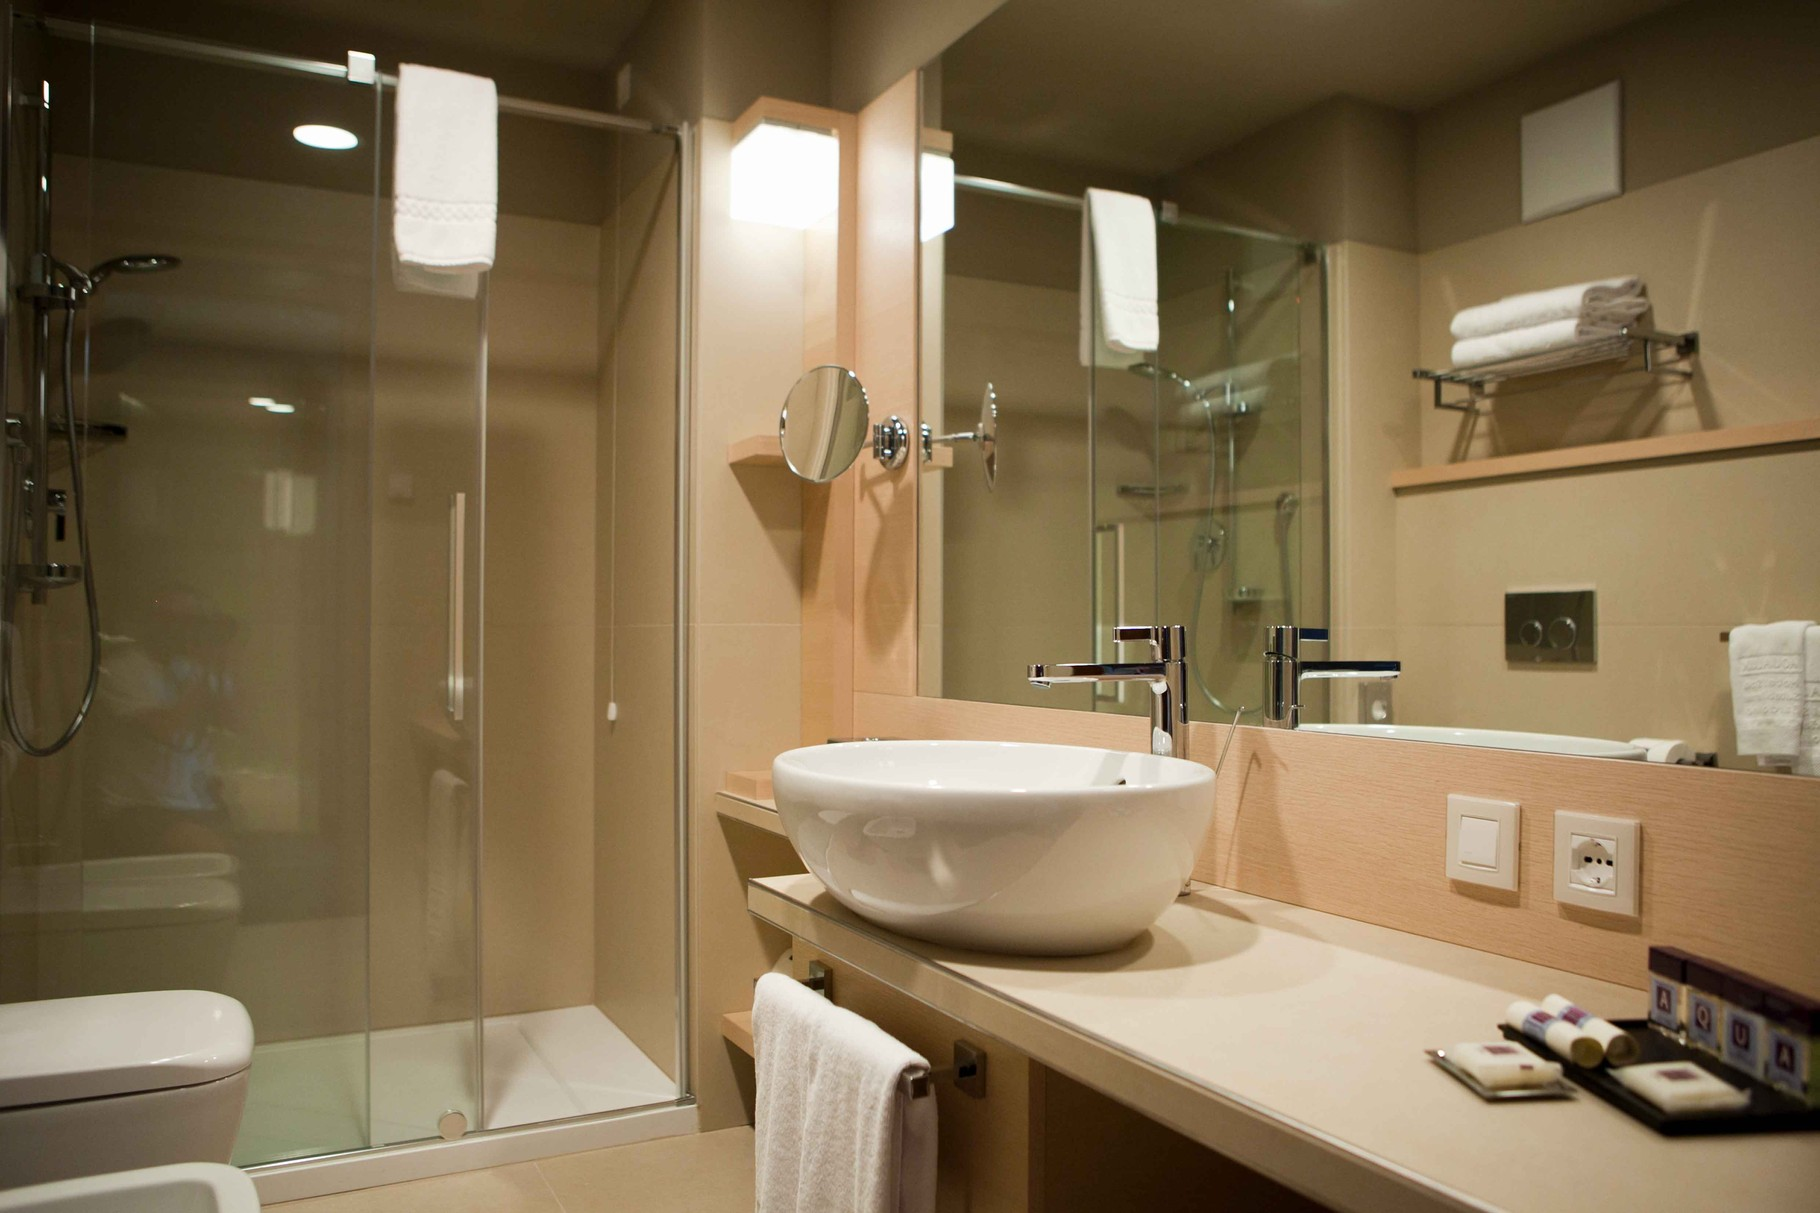 Aqualux Hotel Terme & Suite mit jeglichen Komfort ausgestattet.